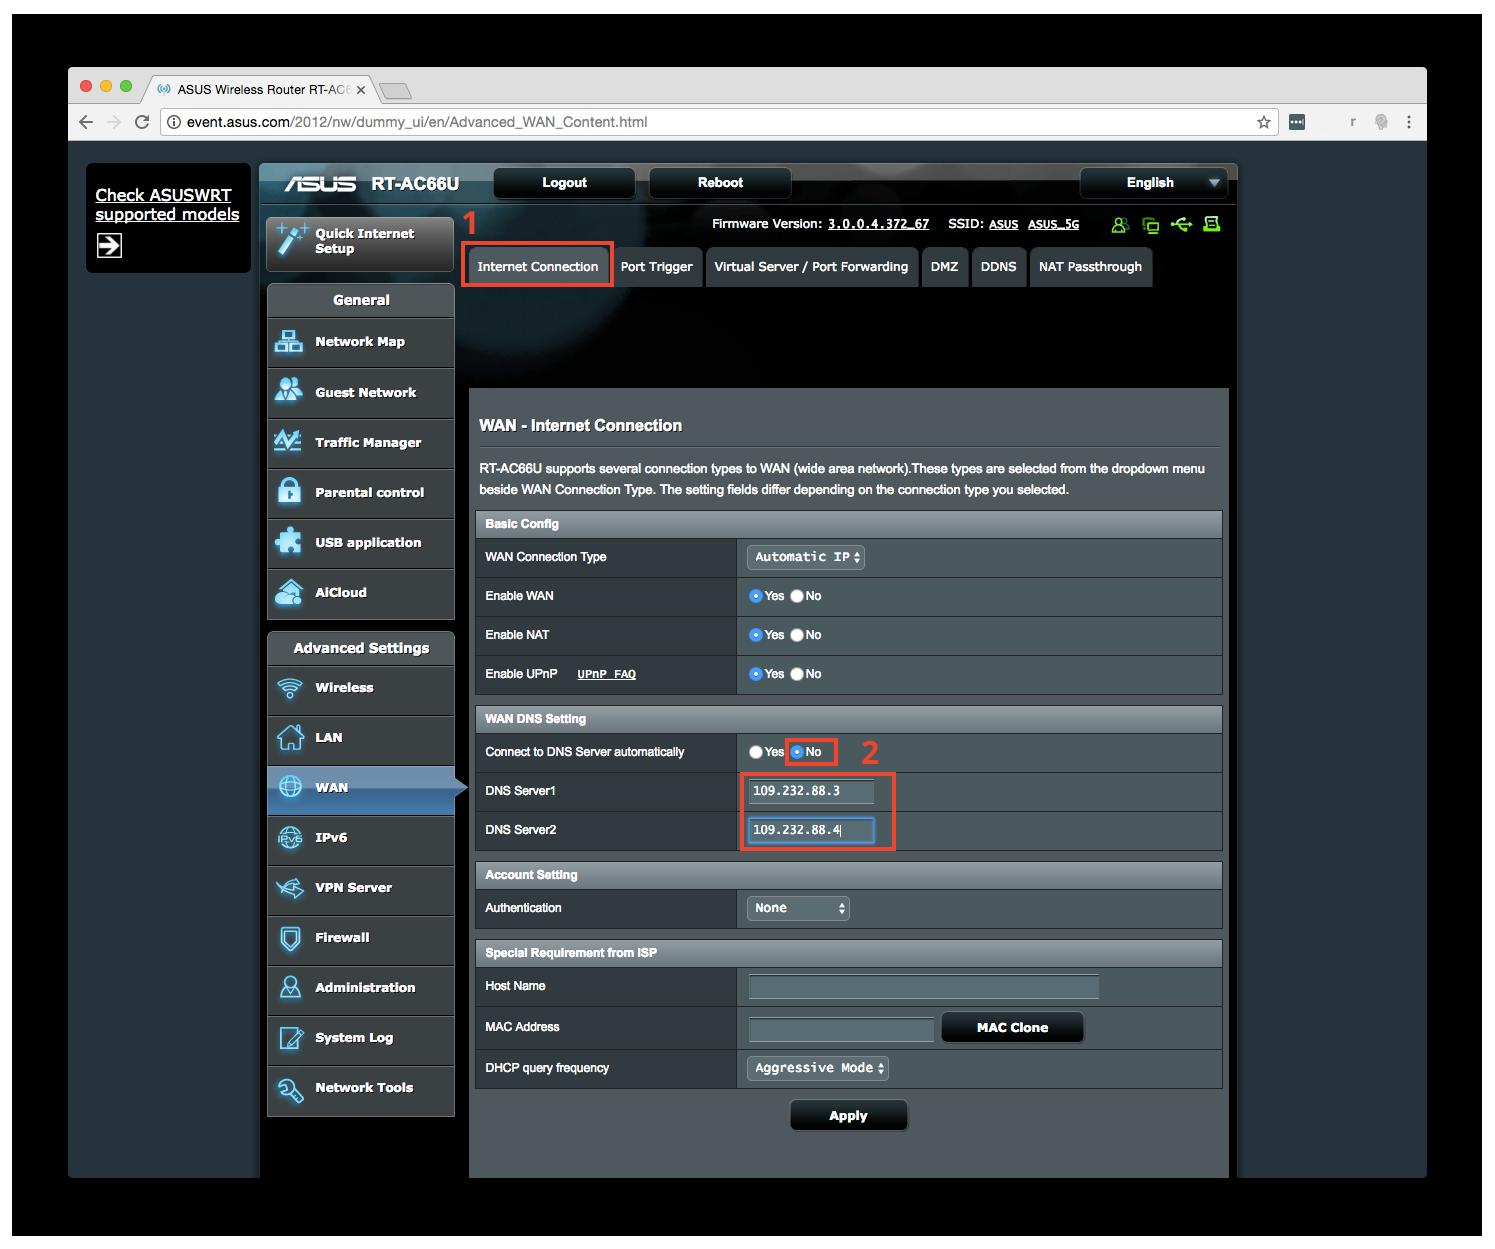 Configurazione dynDNS.it per Asus - dynDNS.it - DNS dinamico gratuito